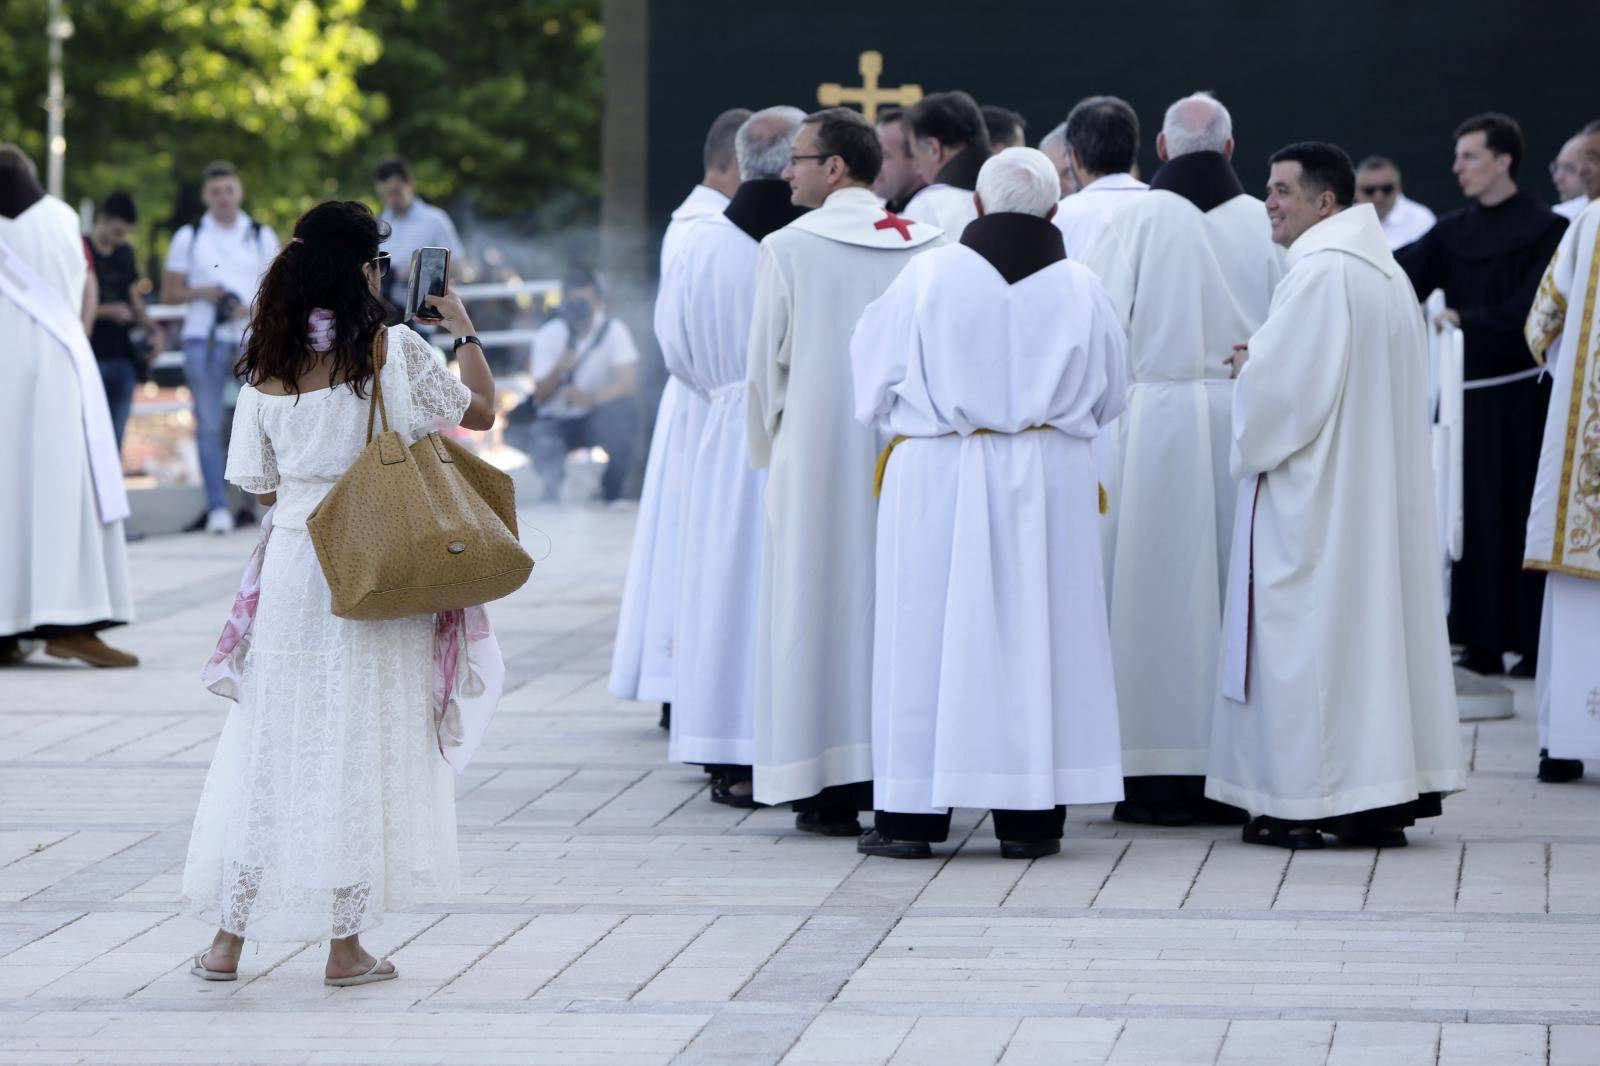 Tisuće vjernika u Međugorju bez maski i bez distance slavilo 39. godišnjicu Gospinog ukazanja